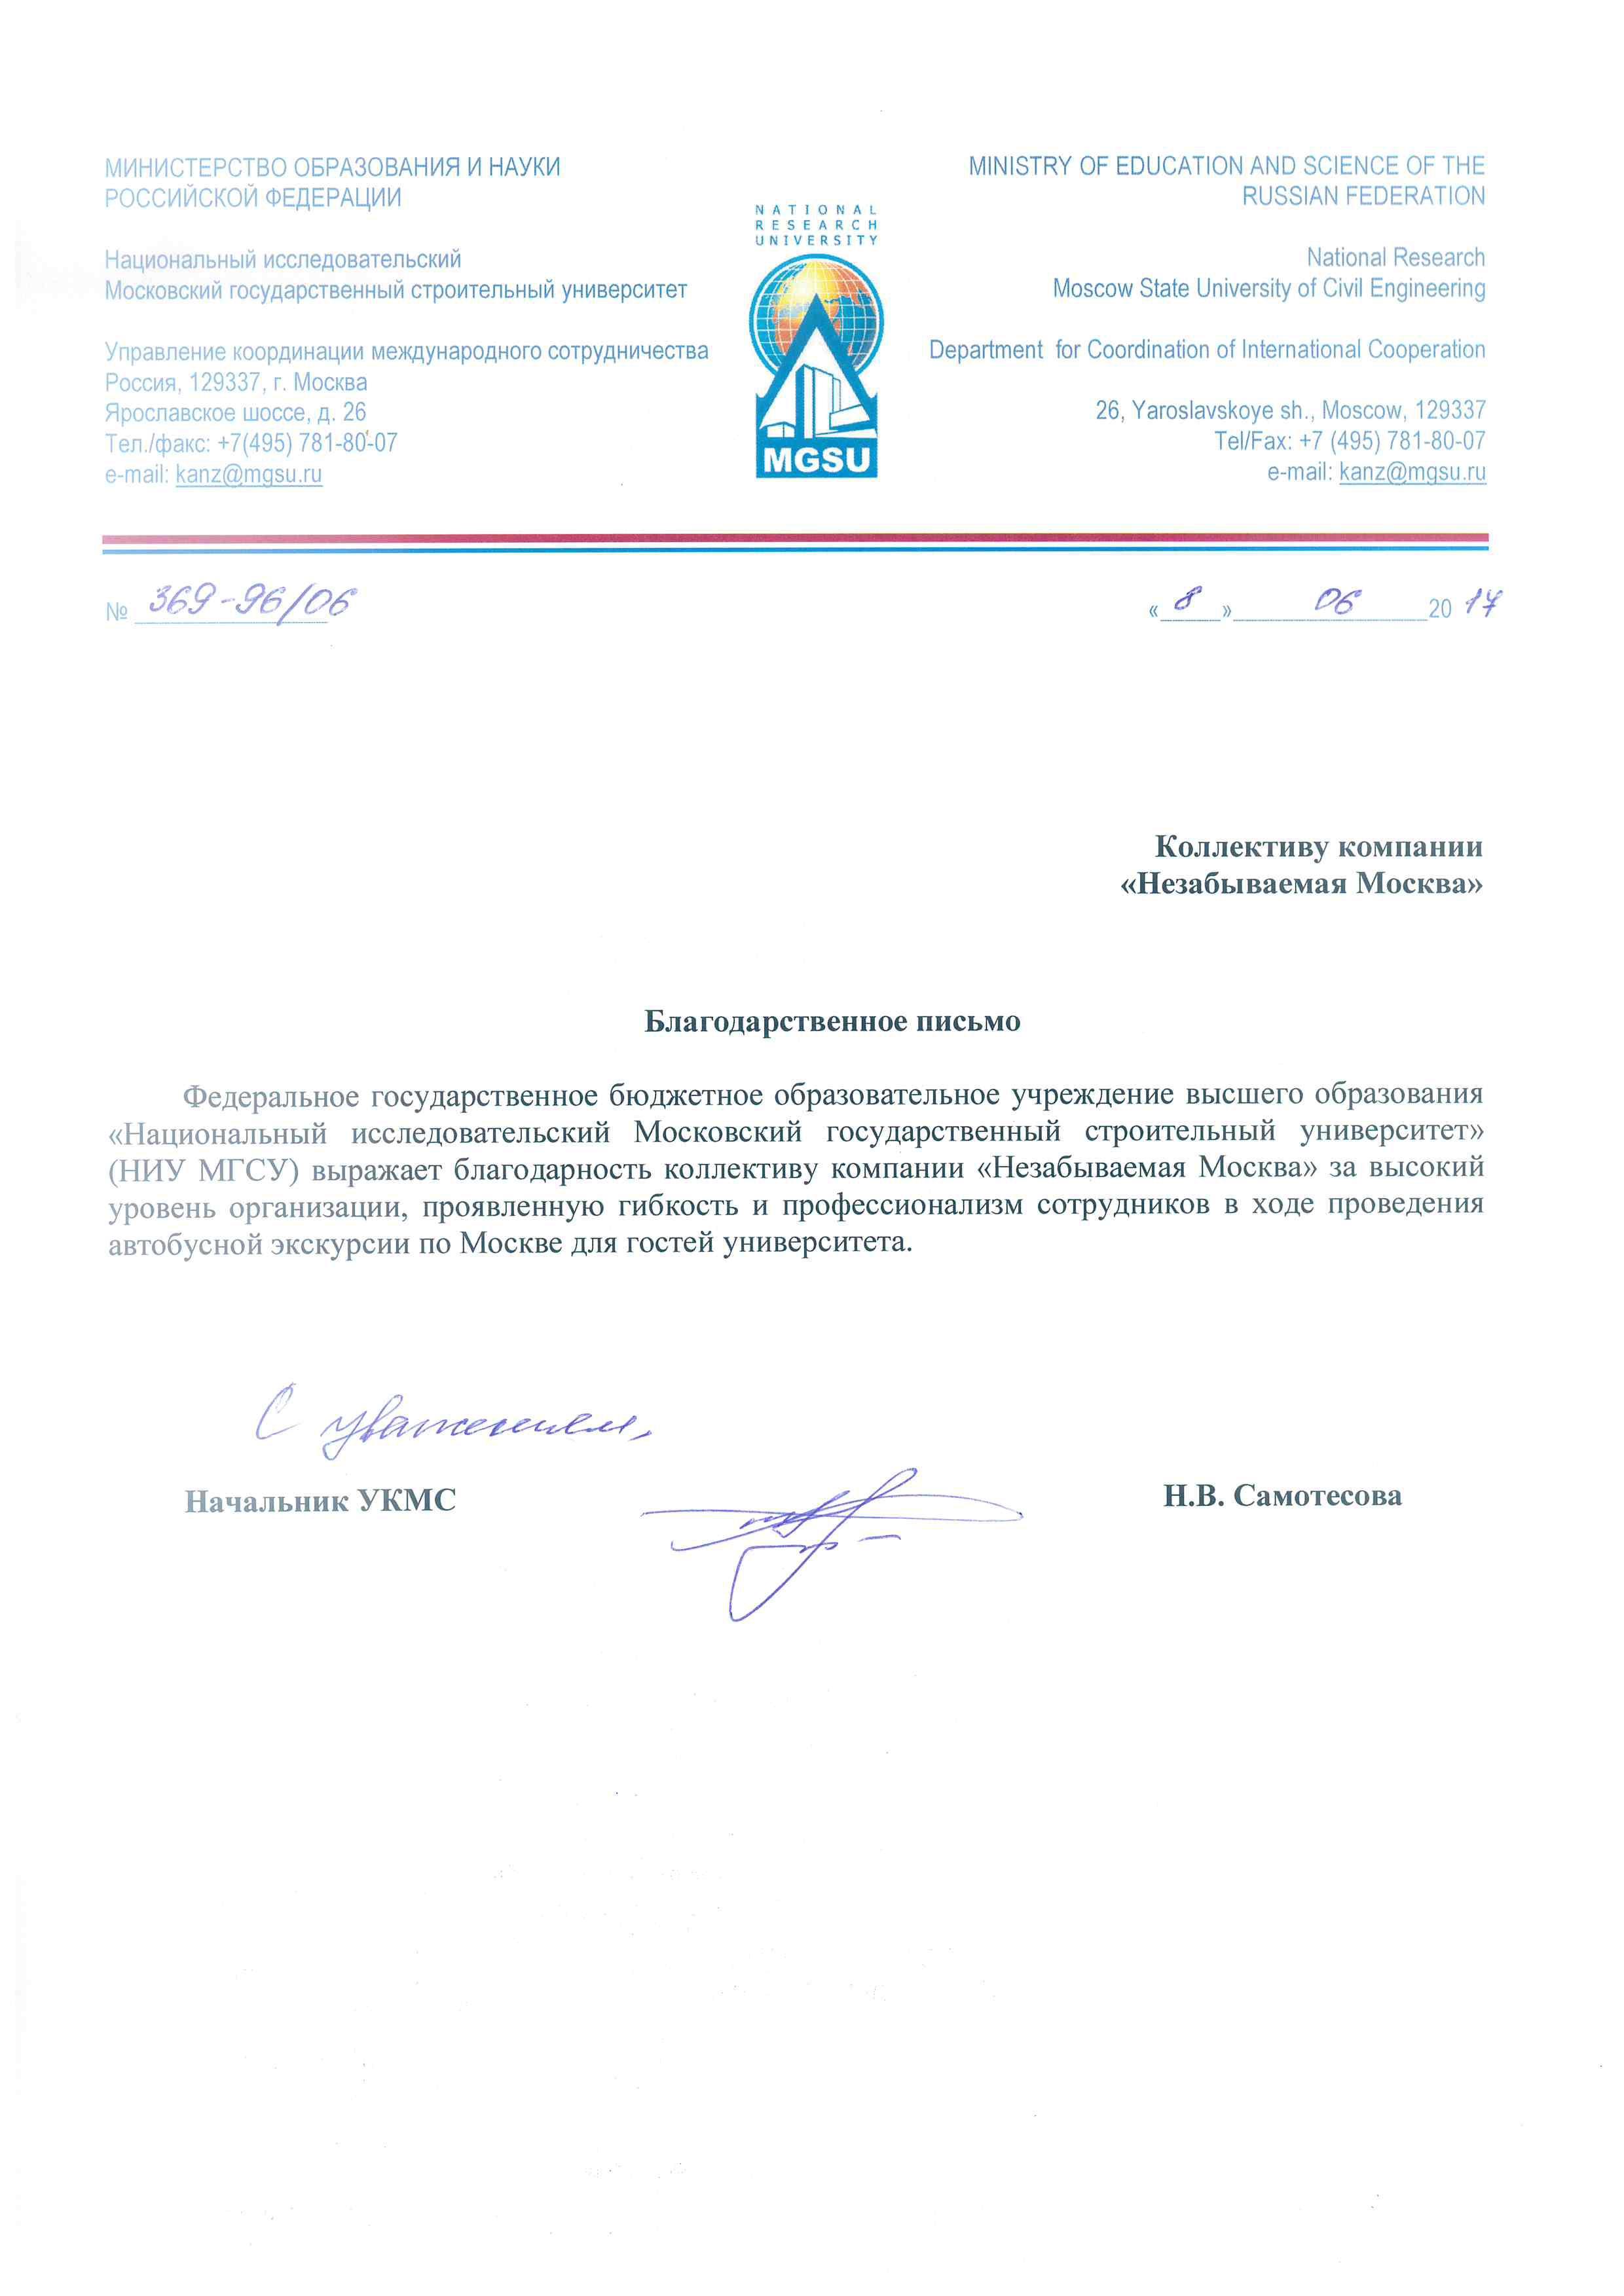 Благодарственное письмо от НИУ МГСУ – Московского строительного университета